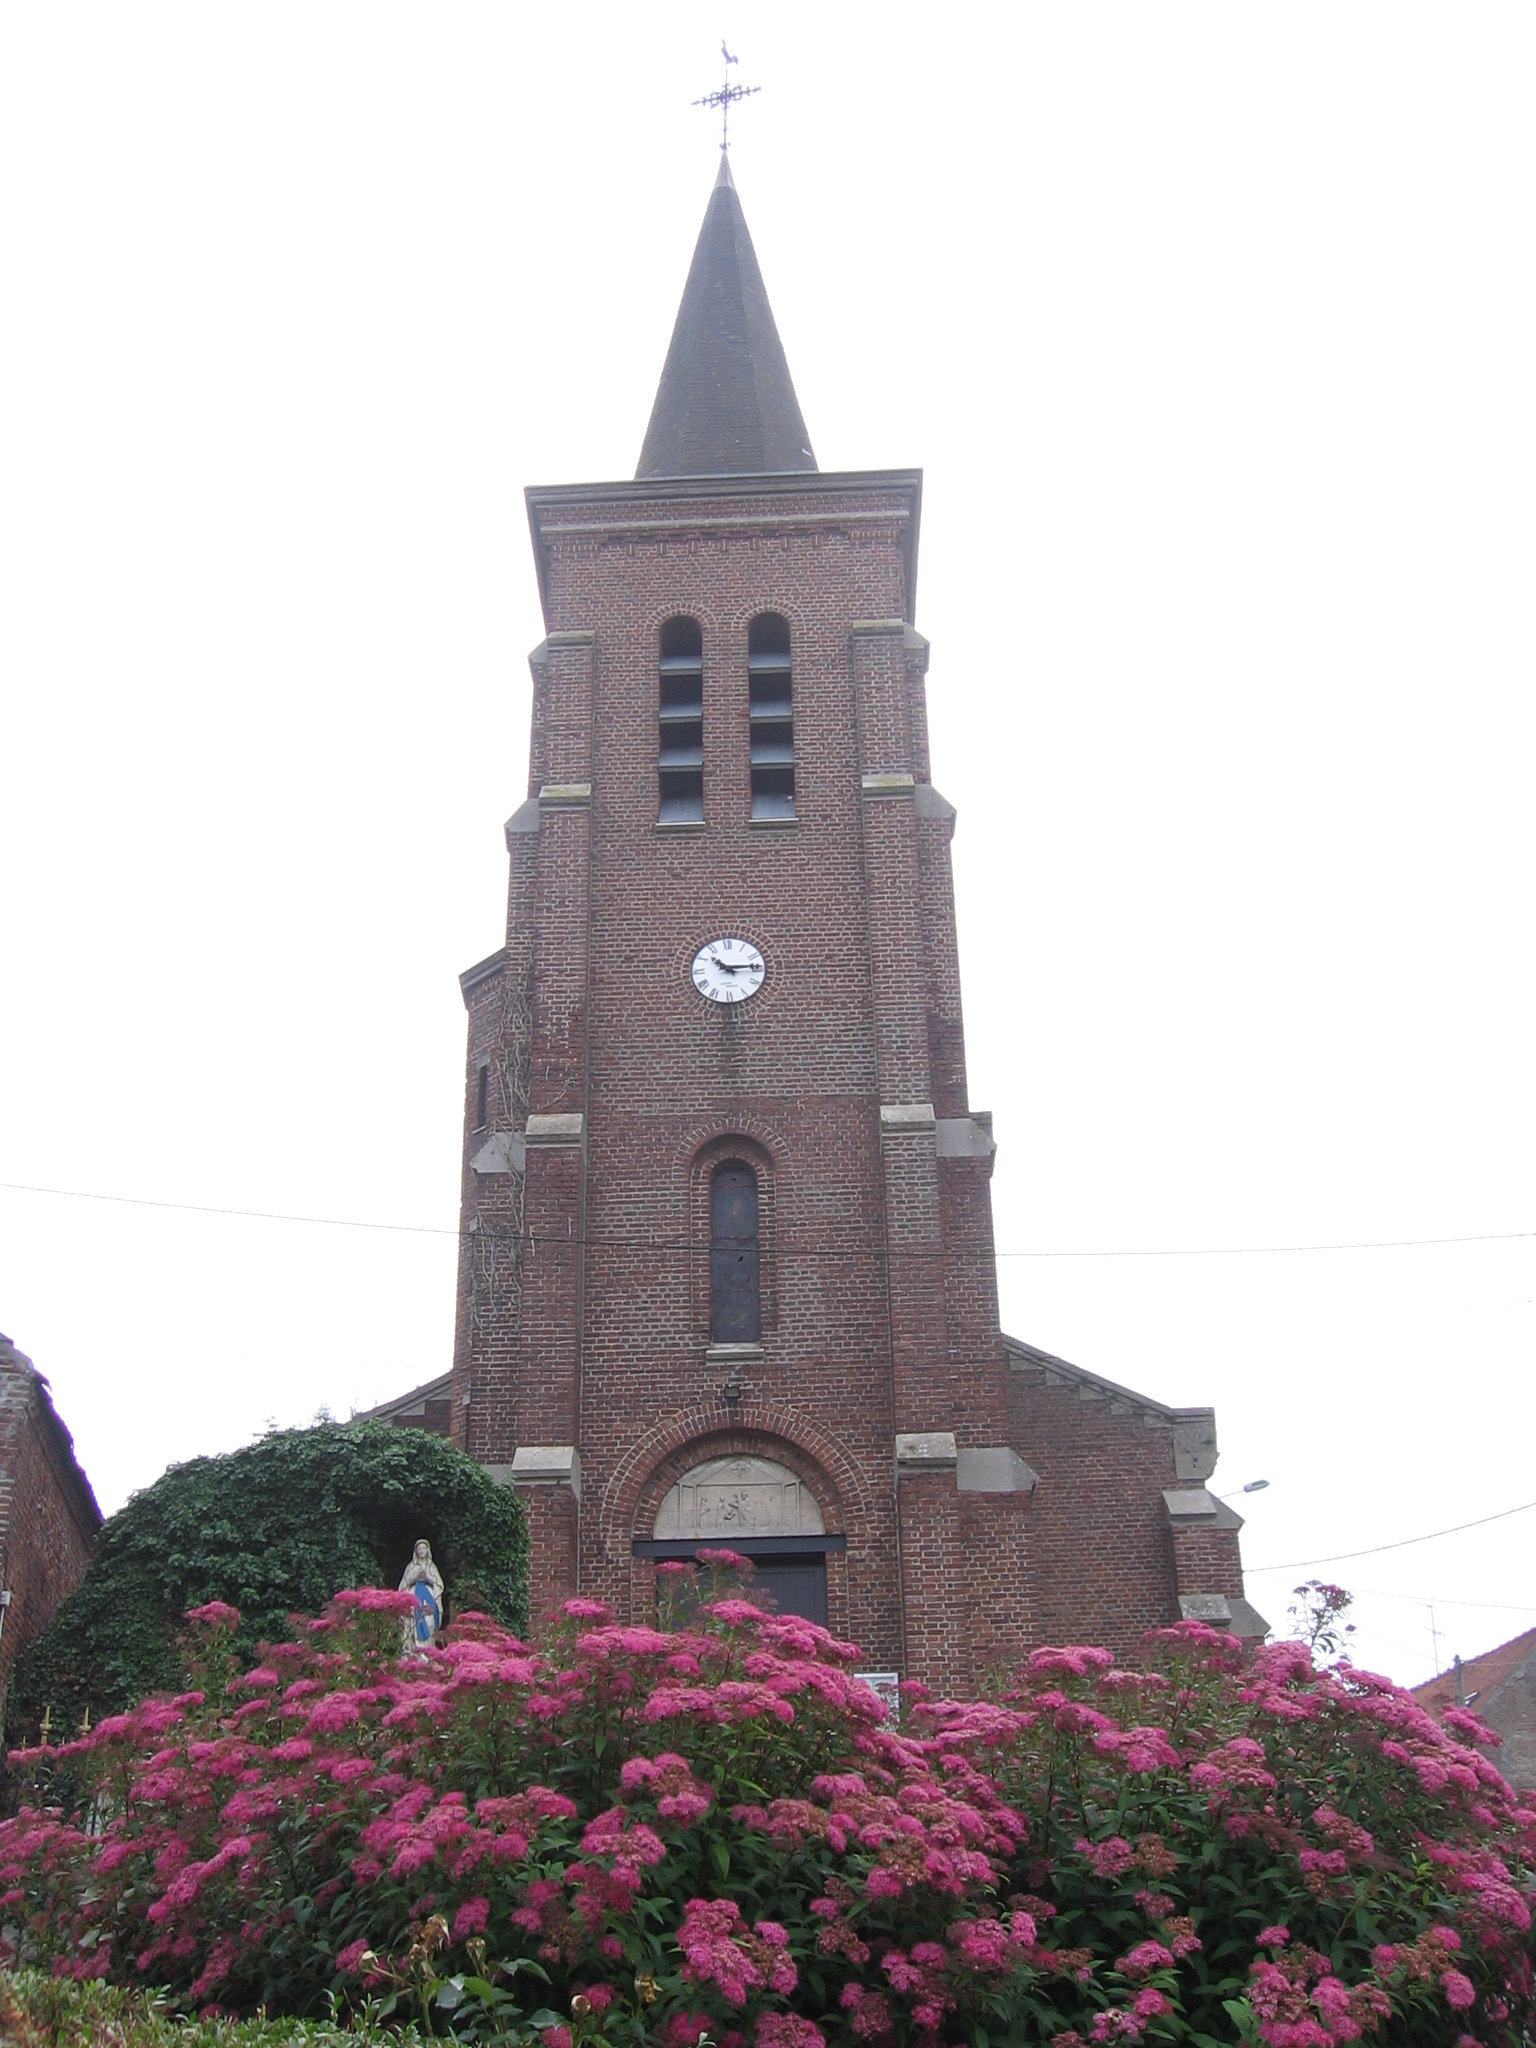 Eglise De Douai Decoration De Noel Nord Soeur Claire